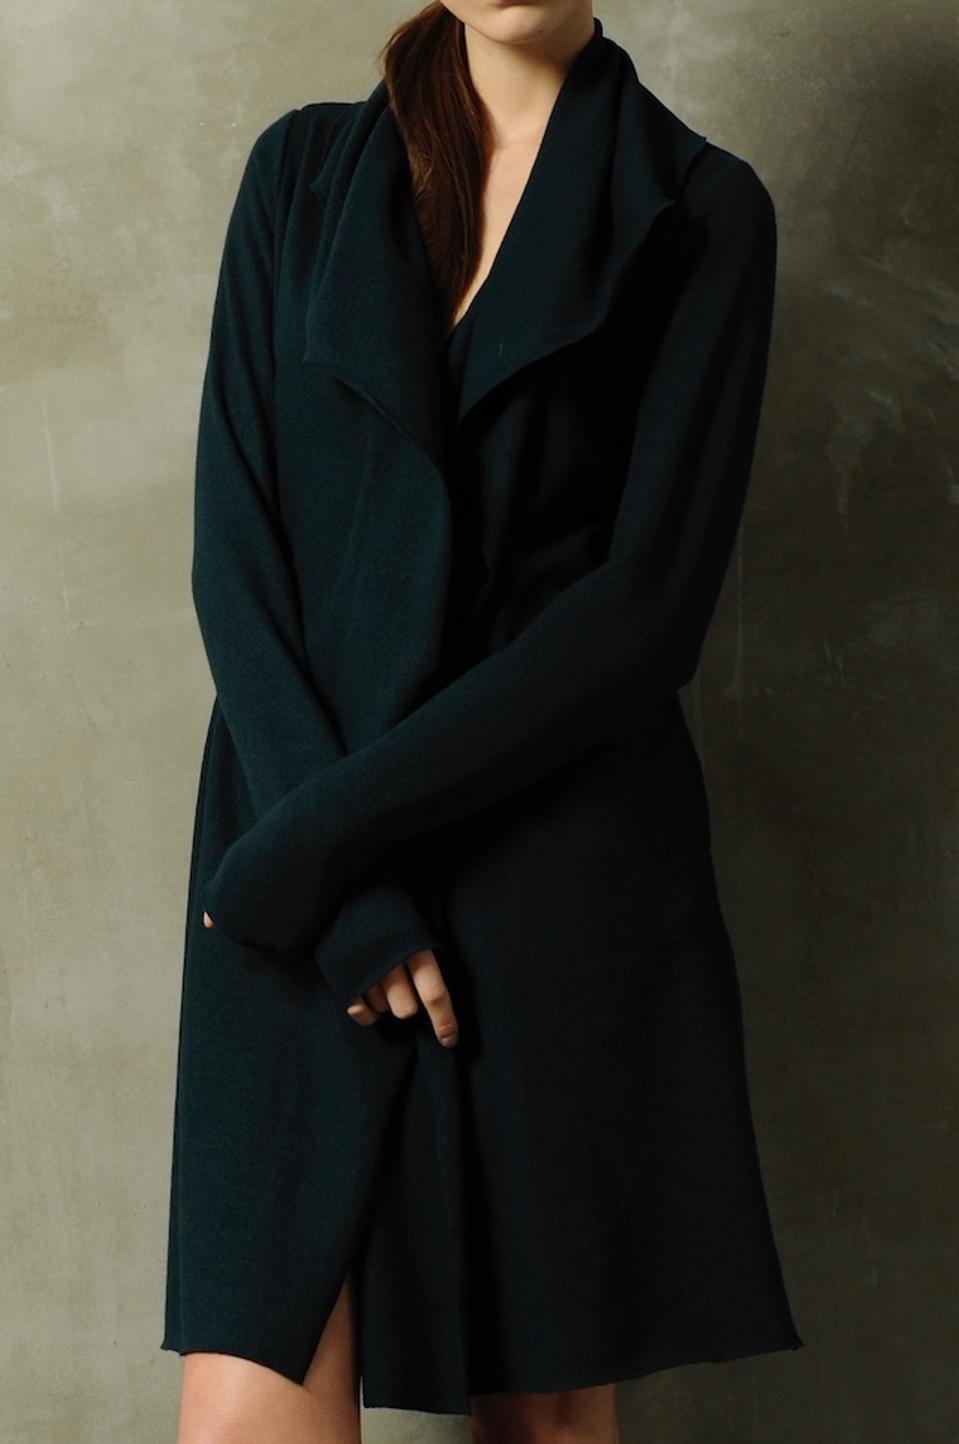 A merino wool coat by Katharina Hovman